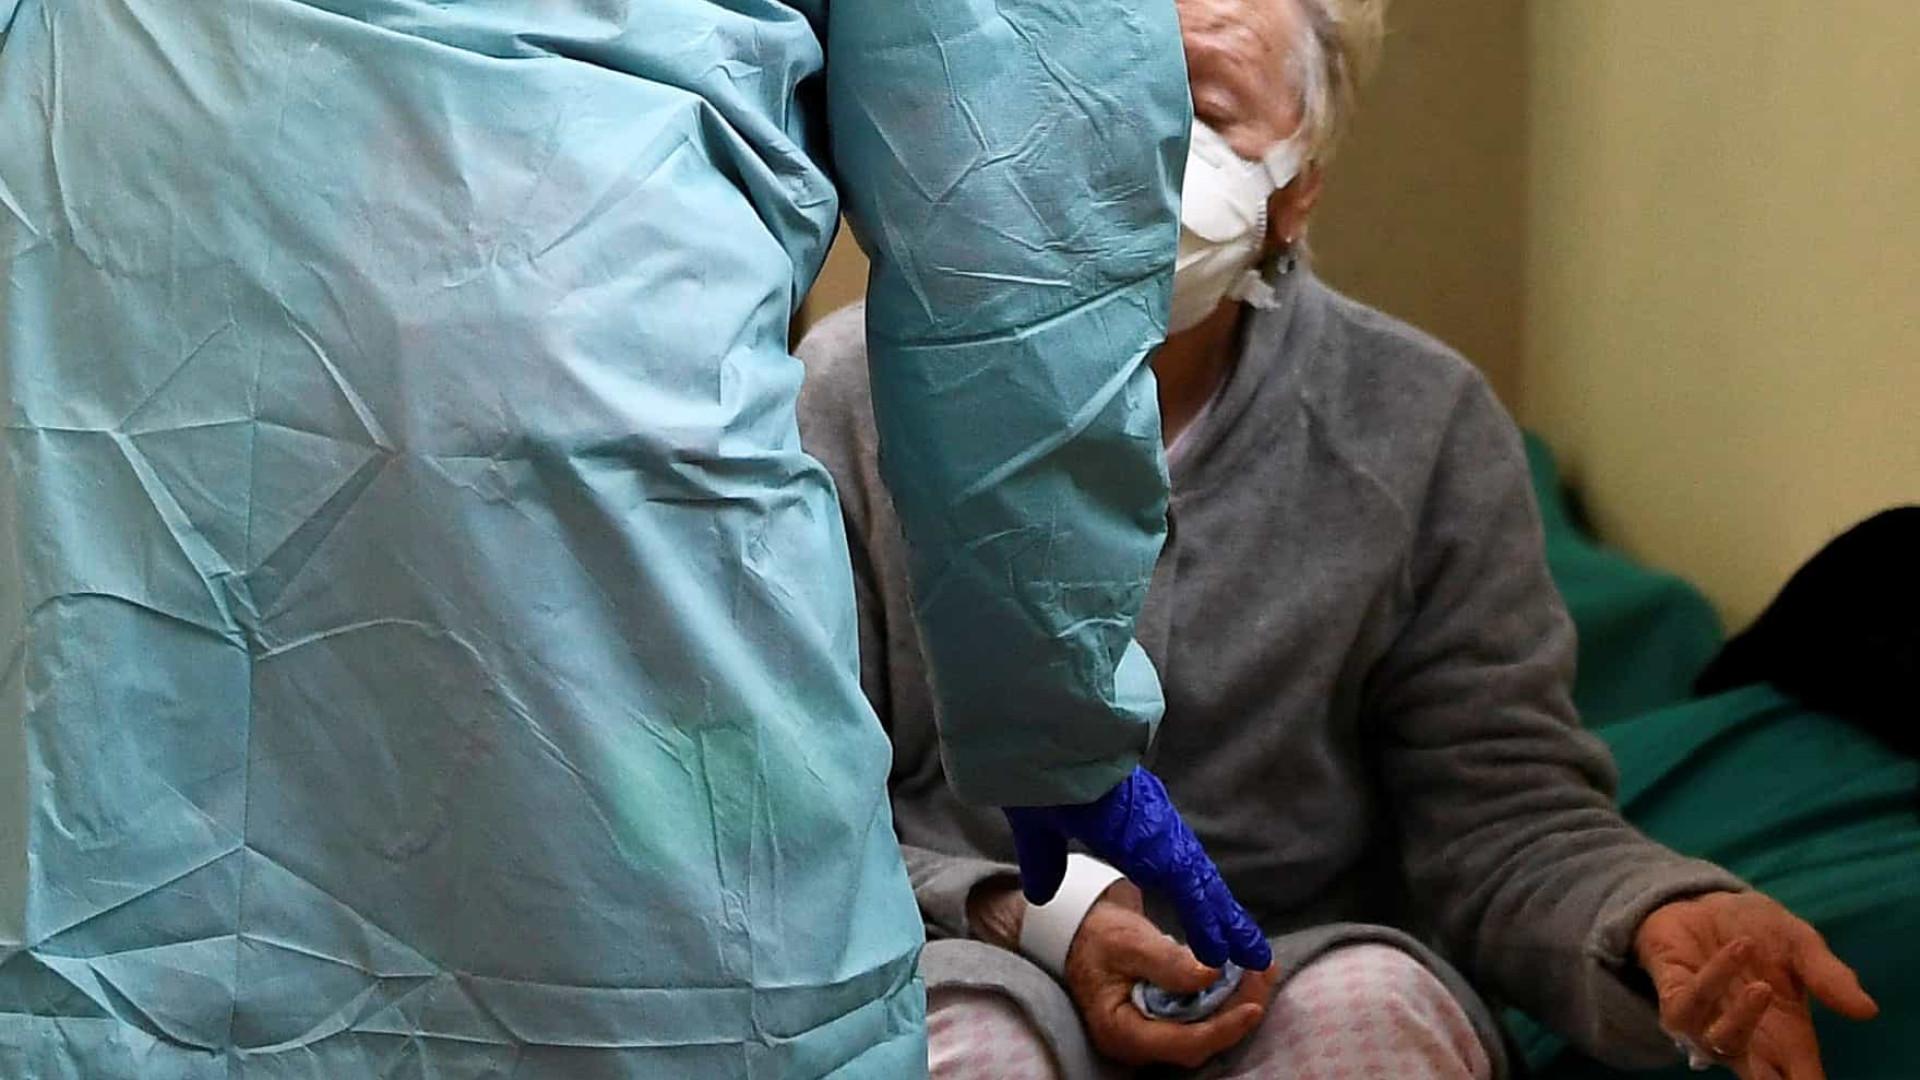 Covid-19: Surto faz 20 mortos em lar de idosos no leste da França